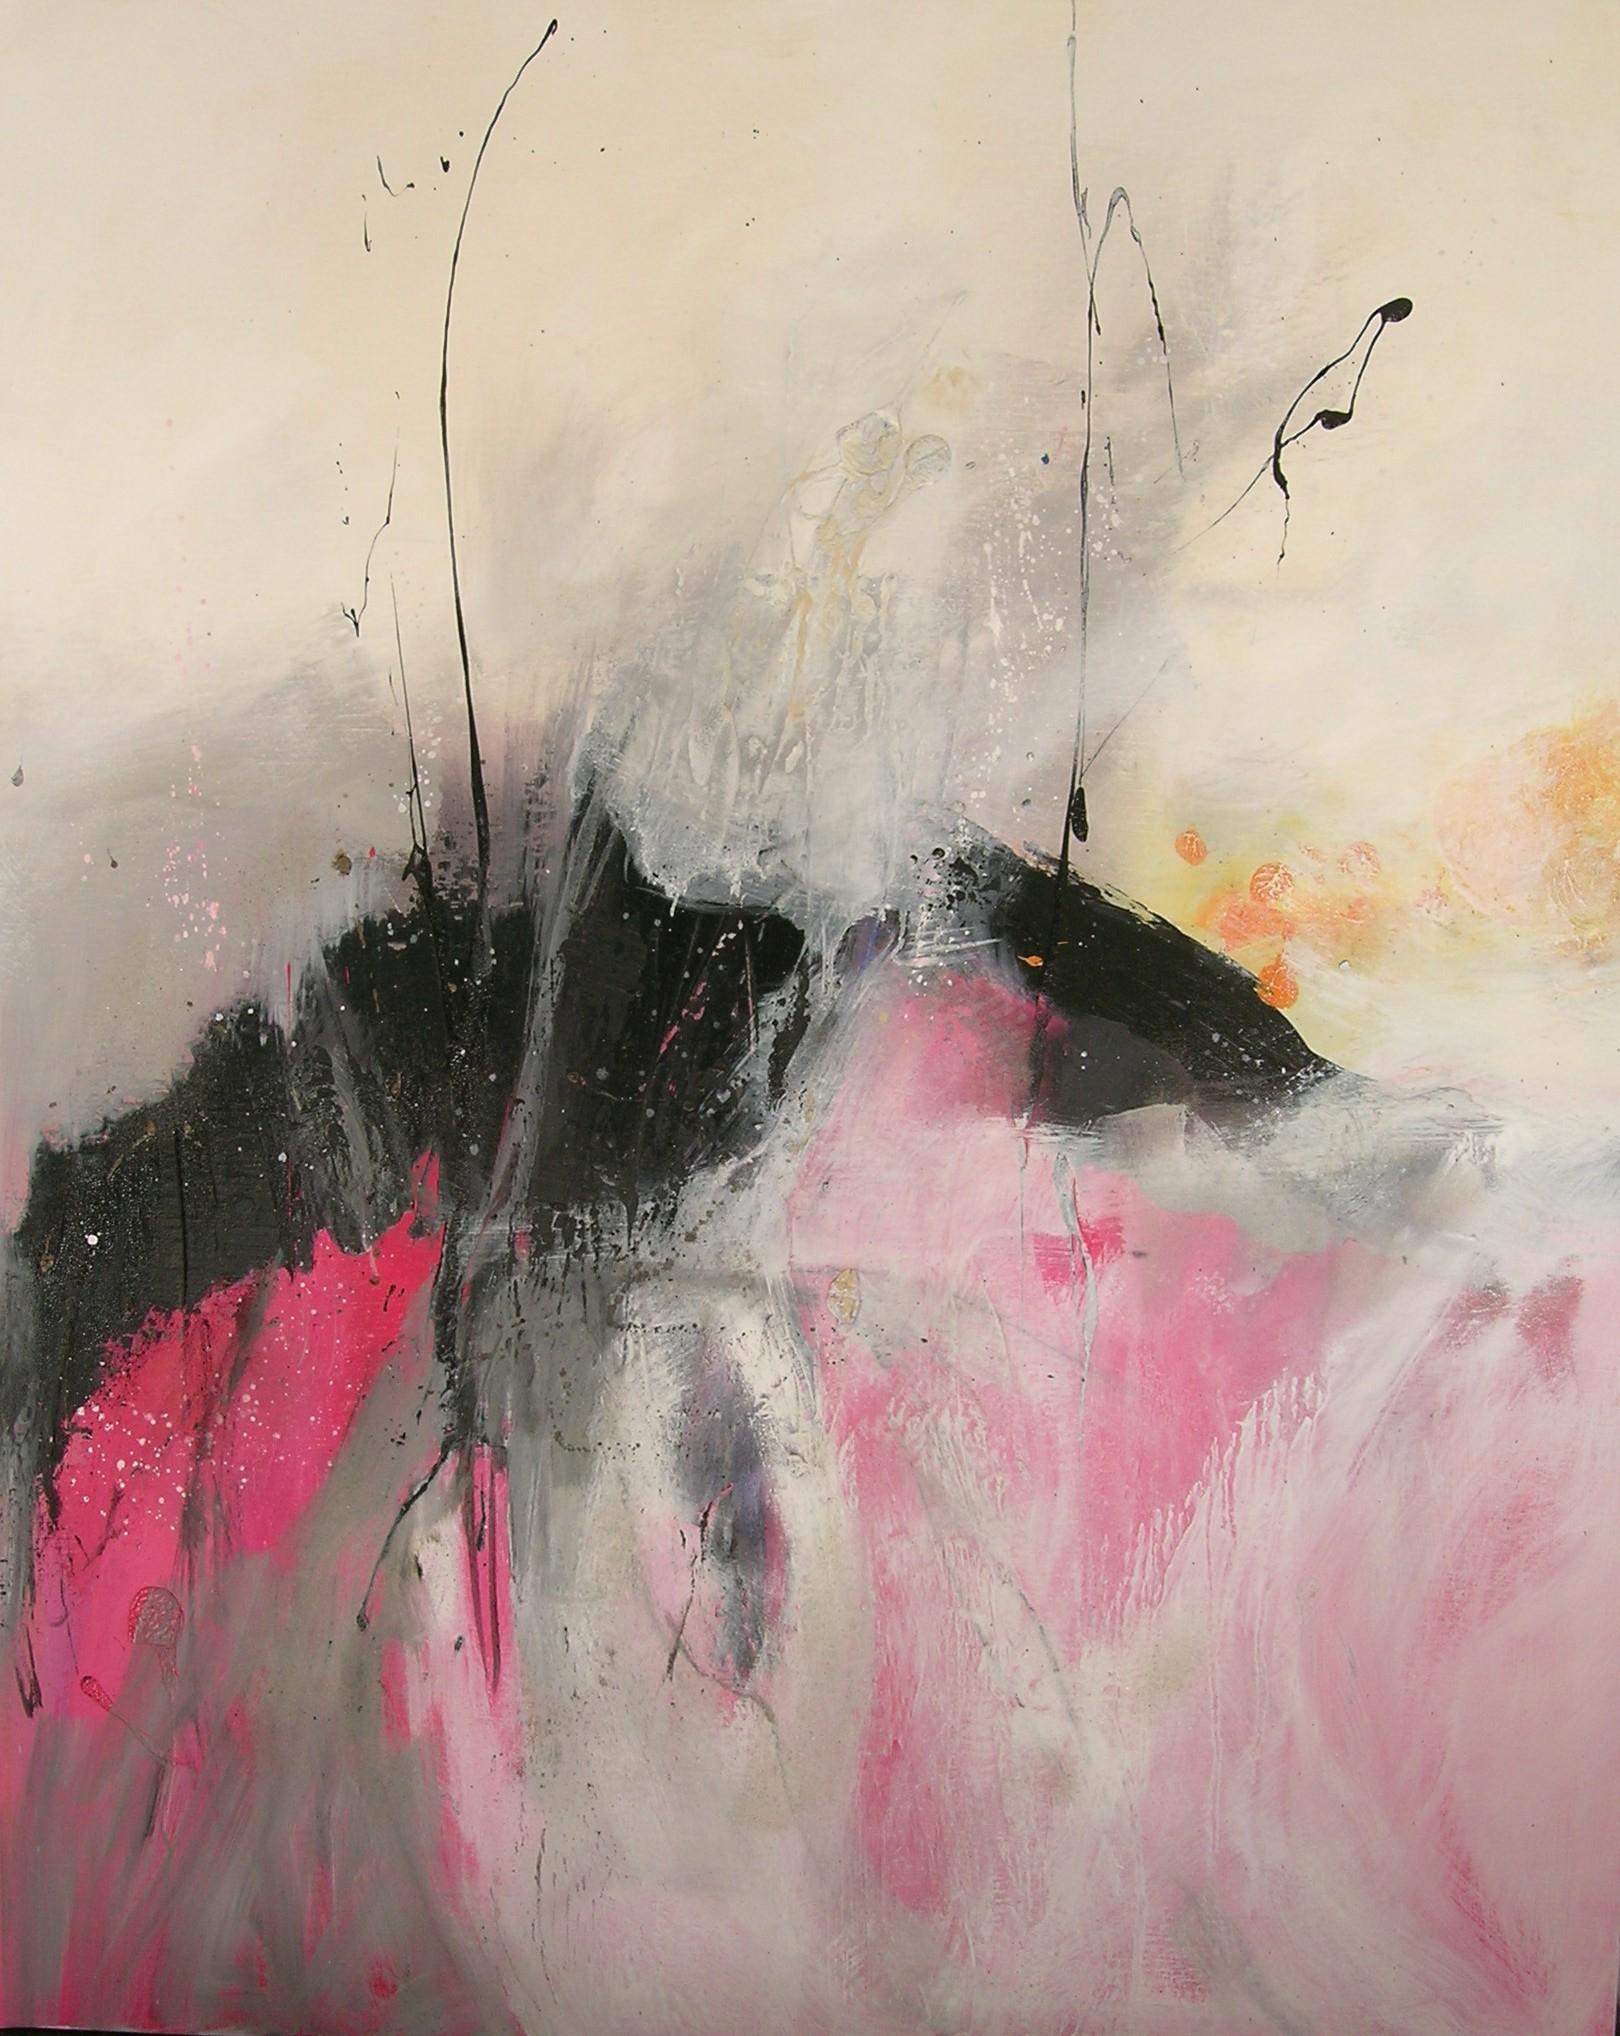 Eros huile sur toile 100x80 cm collection particulière